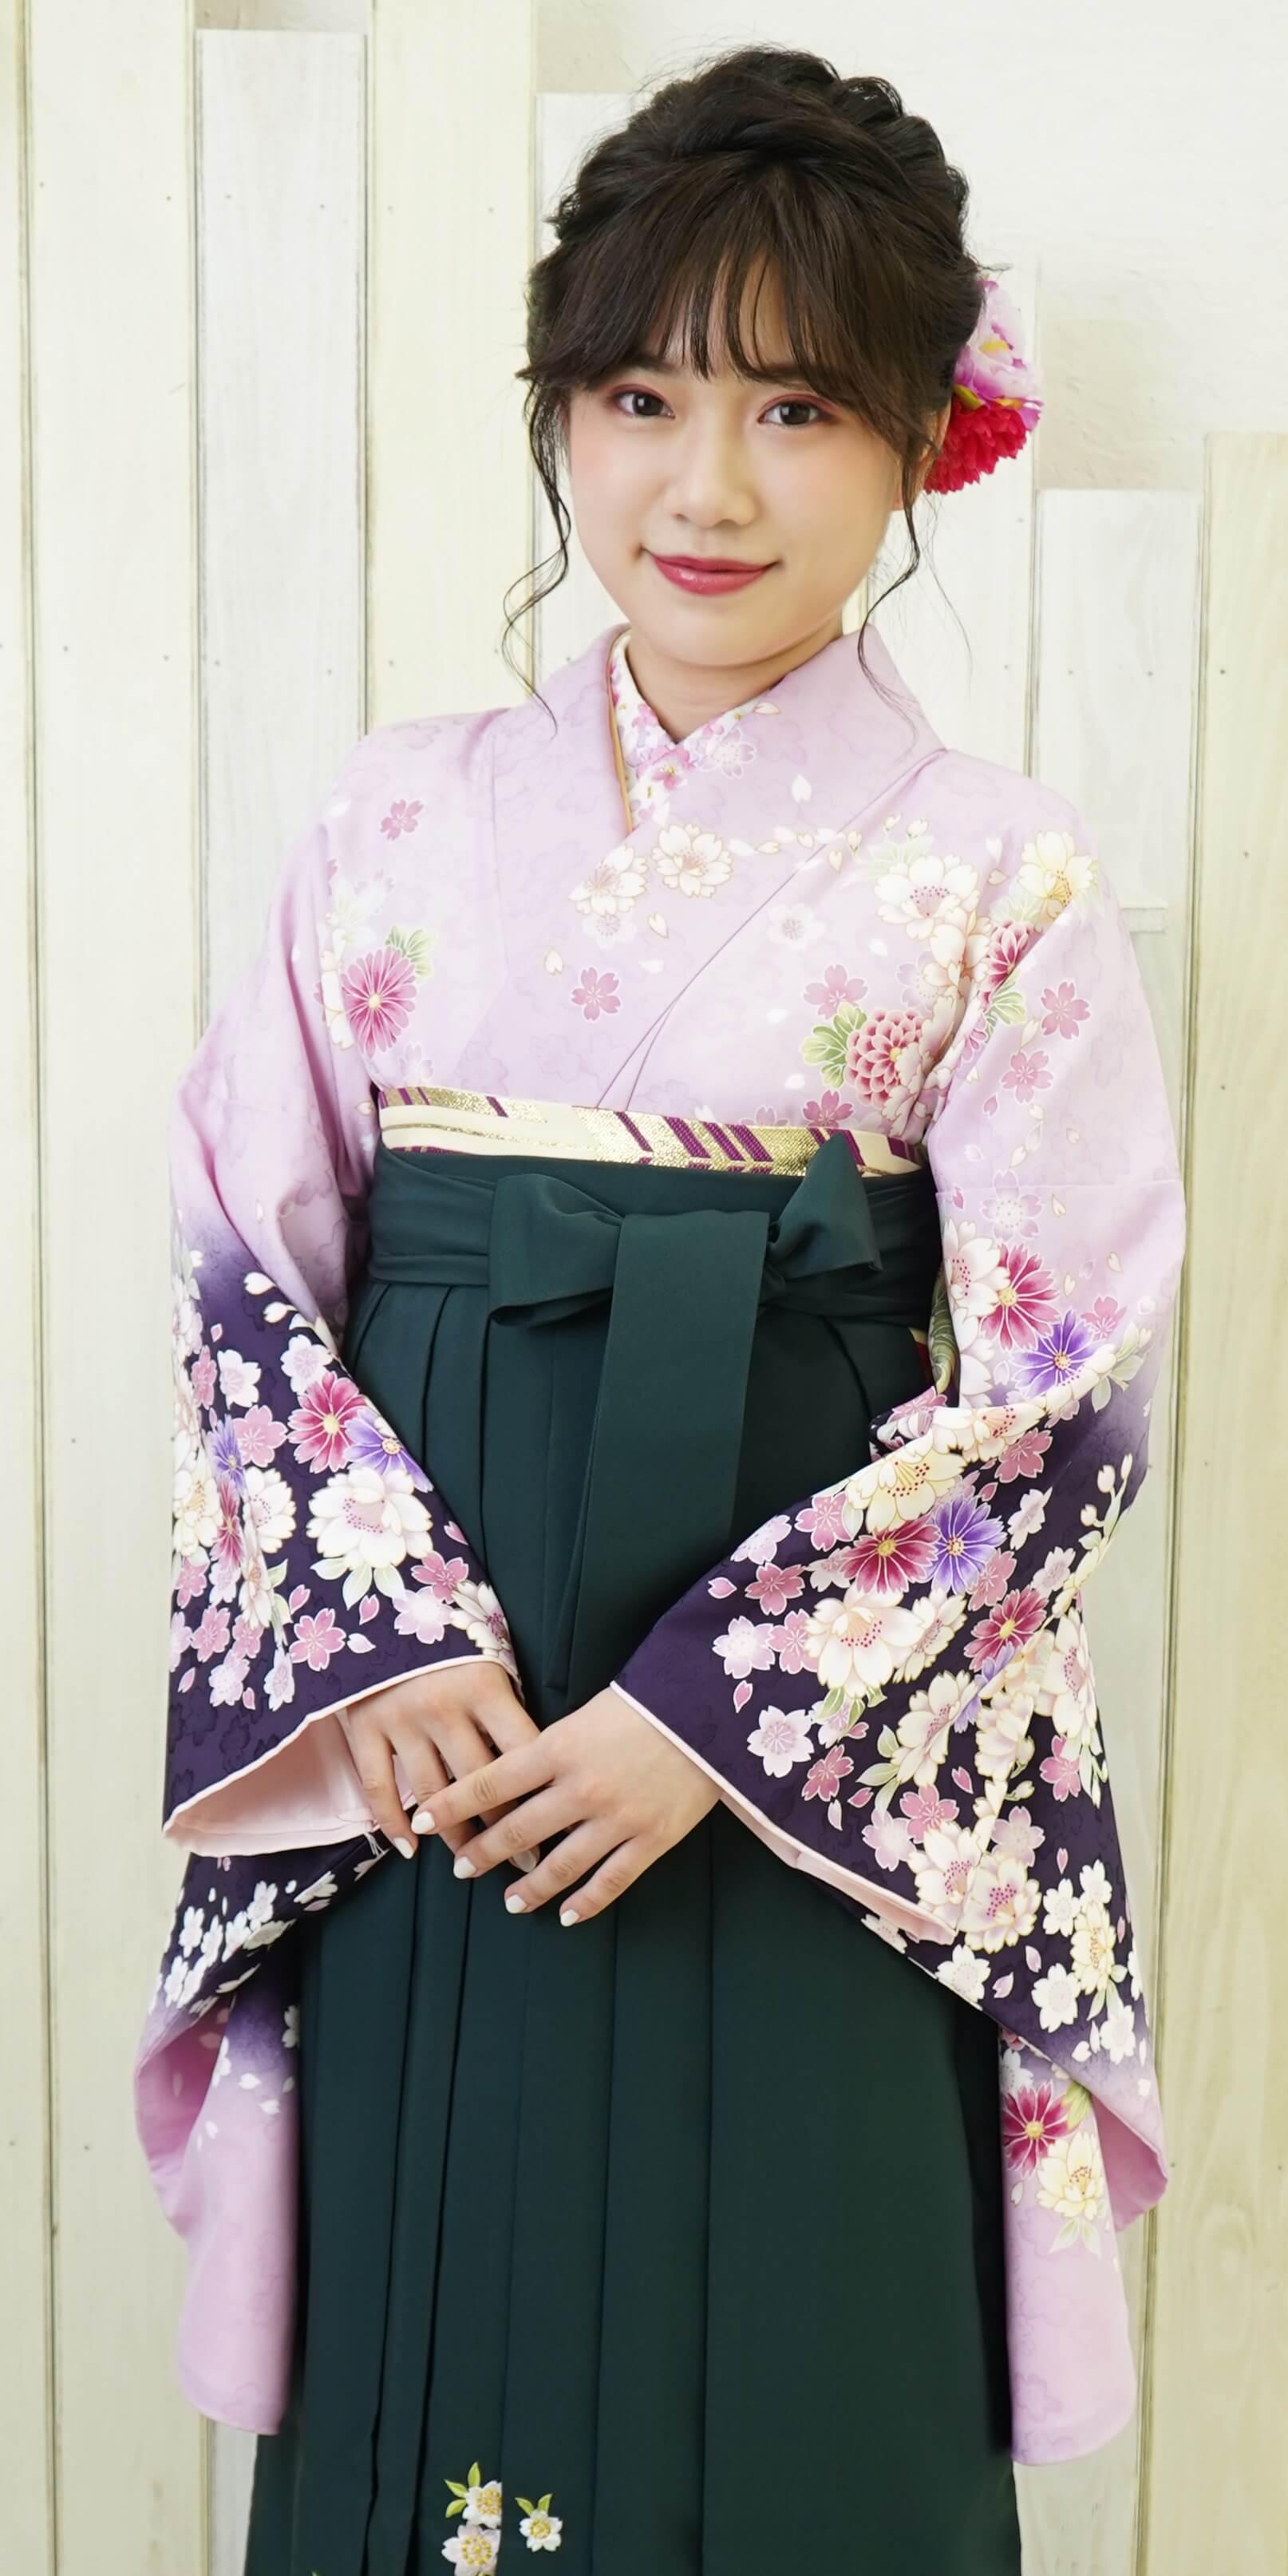 【着物】フジにコイムラサキ四季花